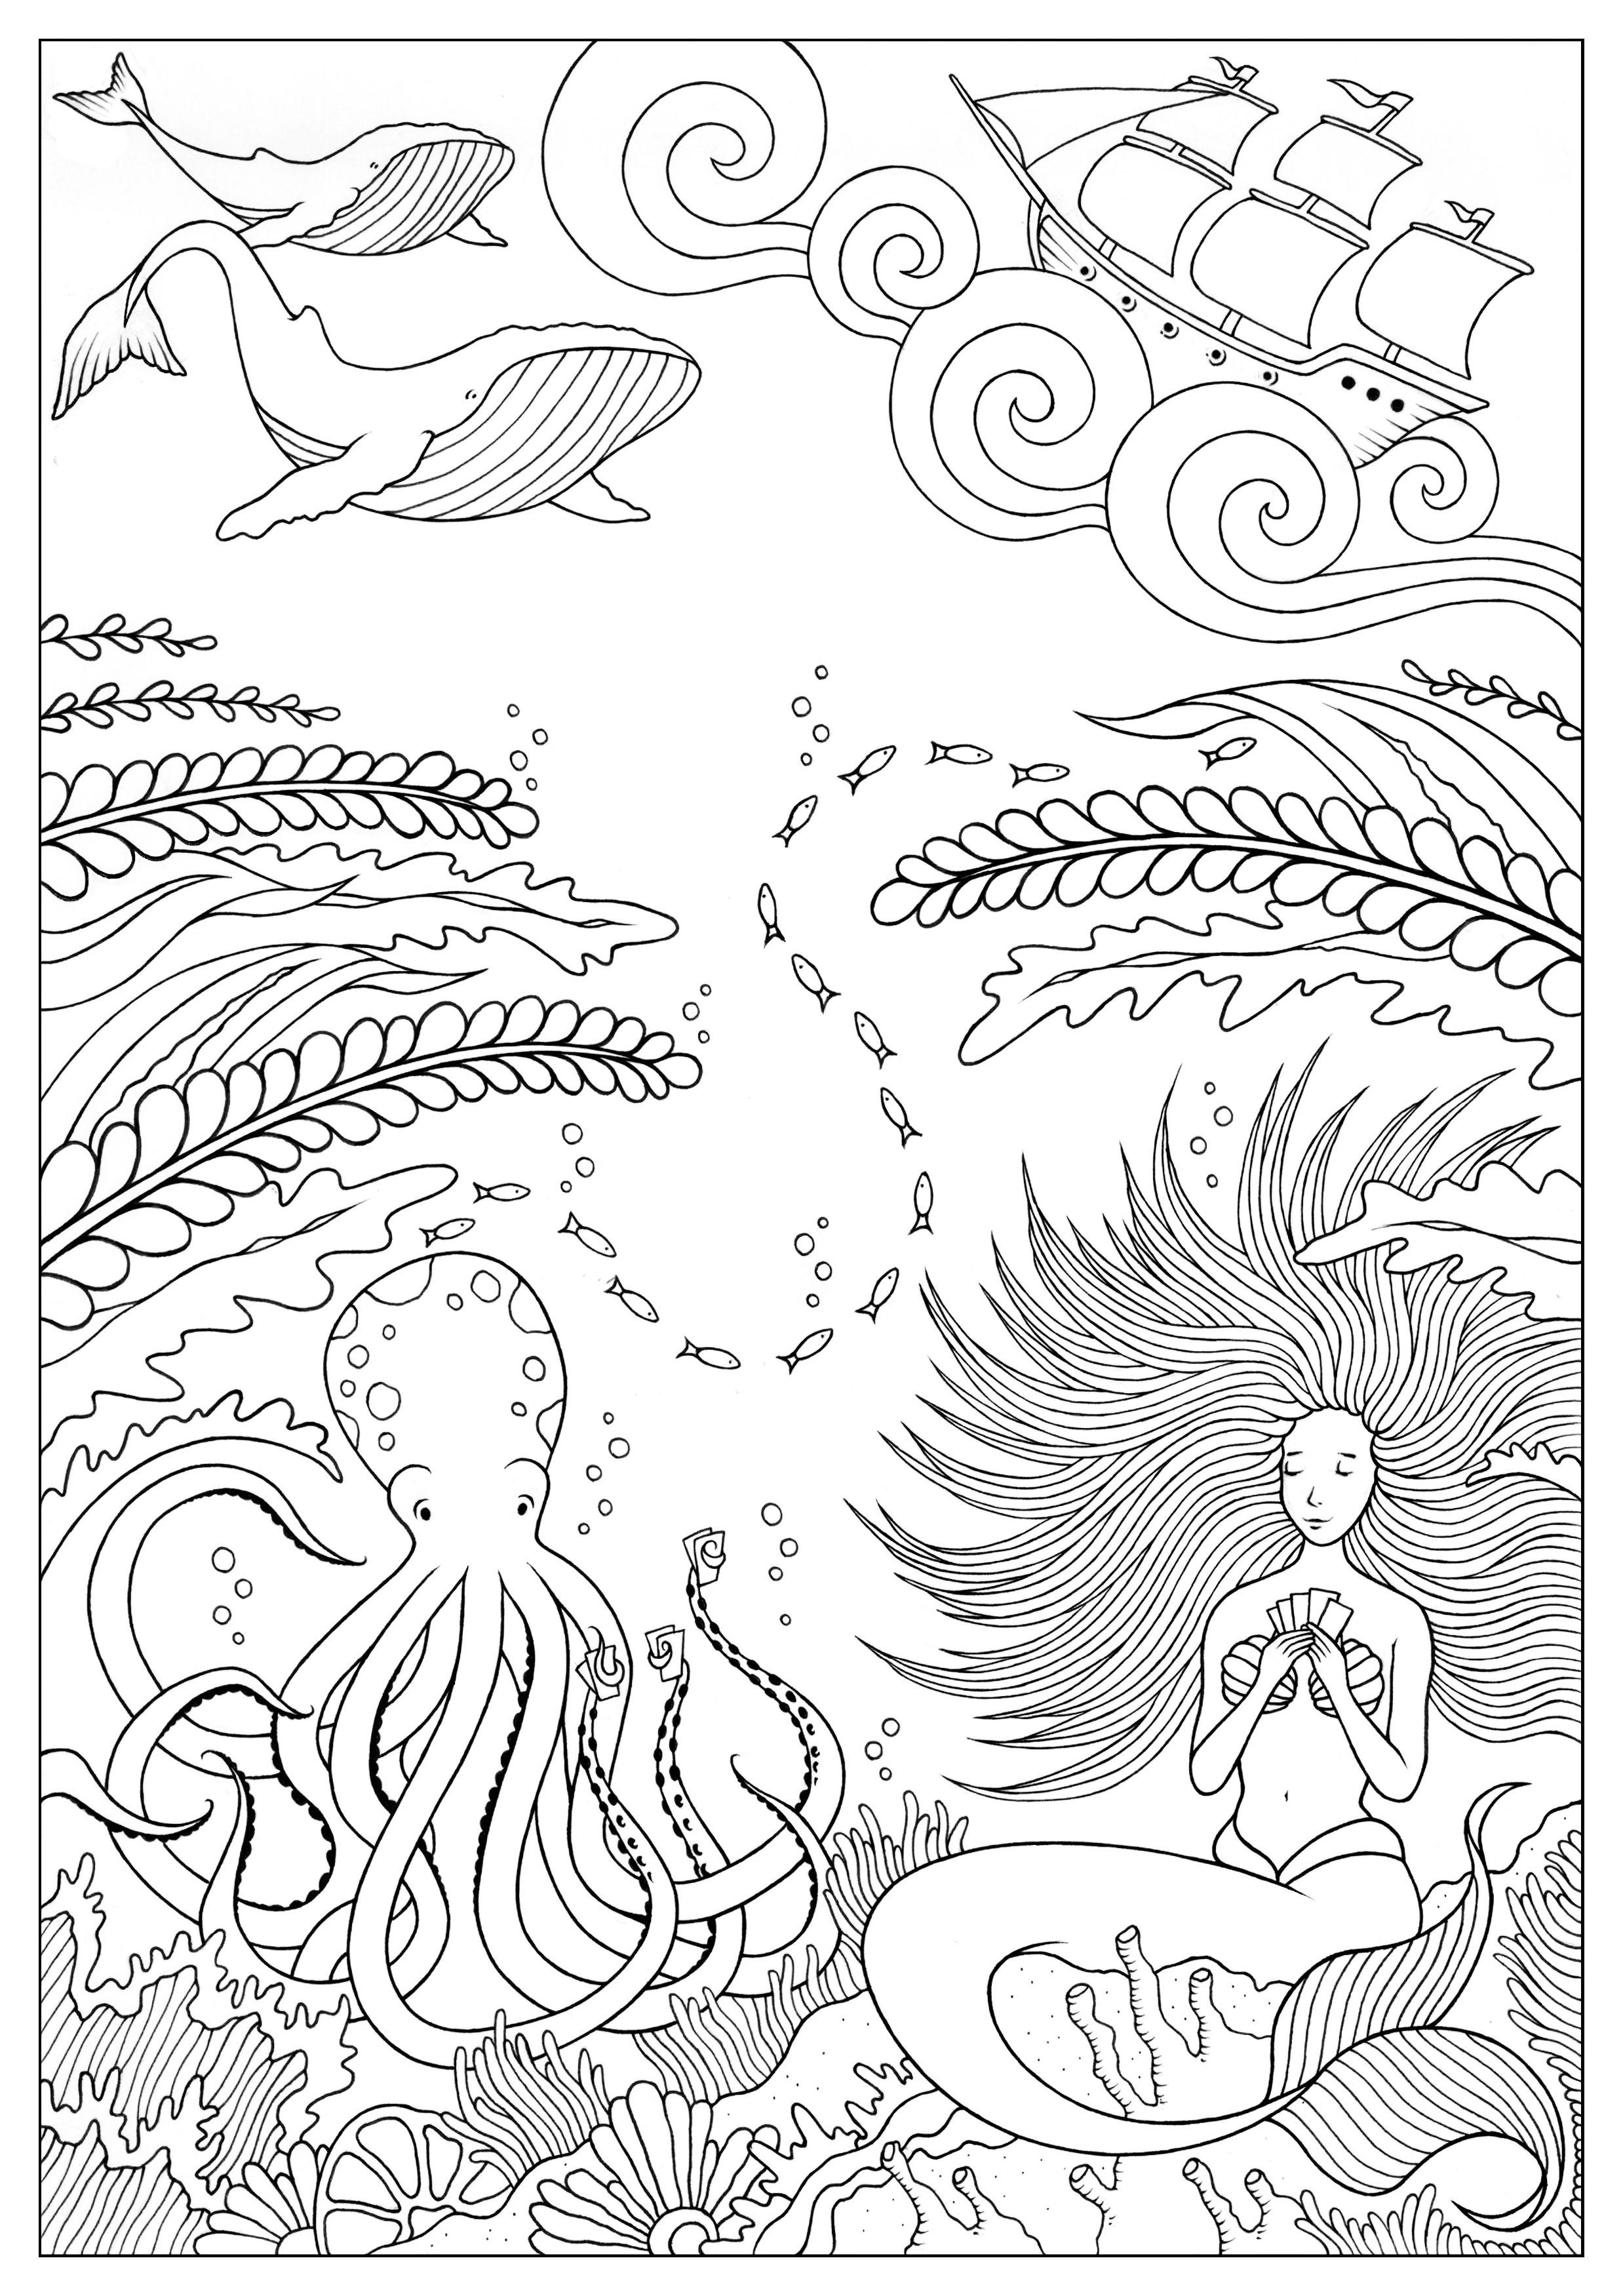 Colorear para adultos : Sirene - 4